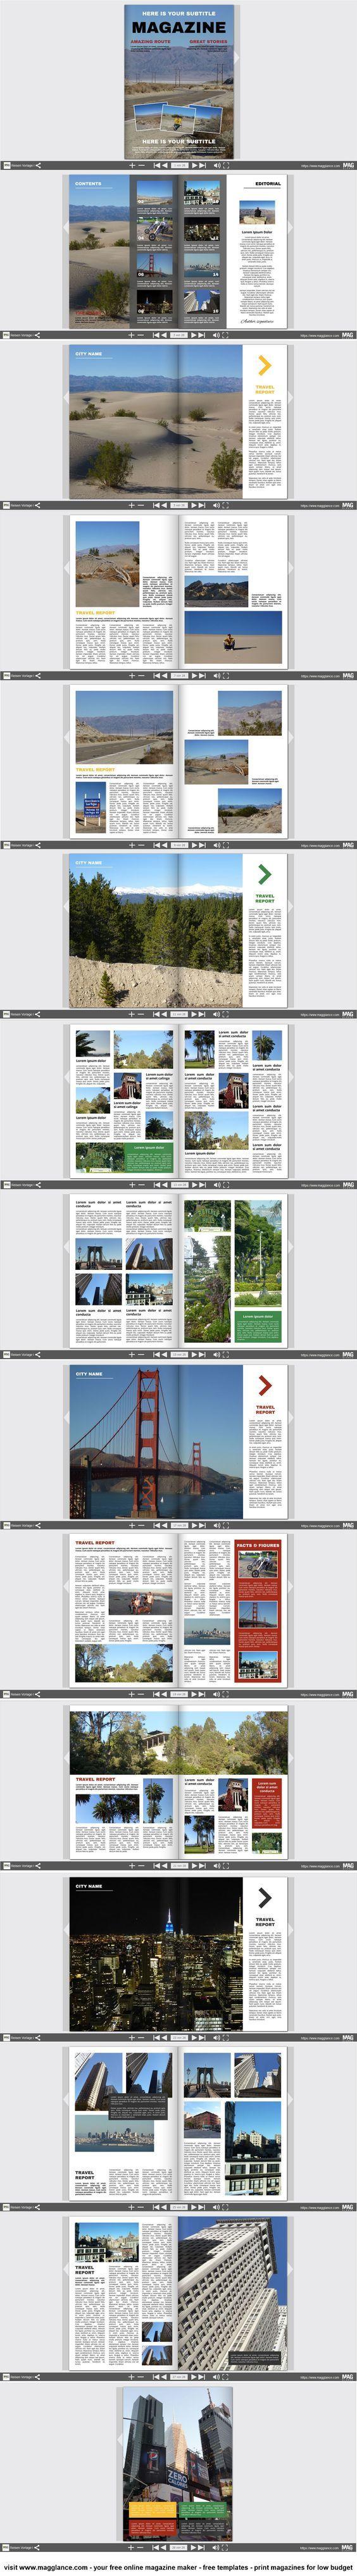 Crea album fotografico gratis online e stampa a un prezzo conveniente su s